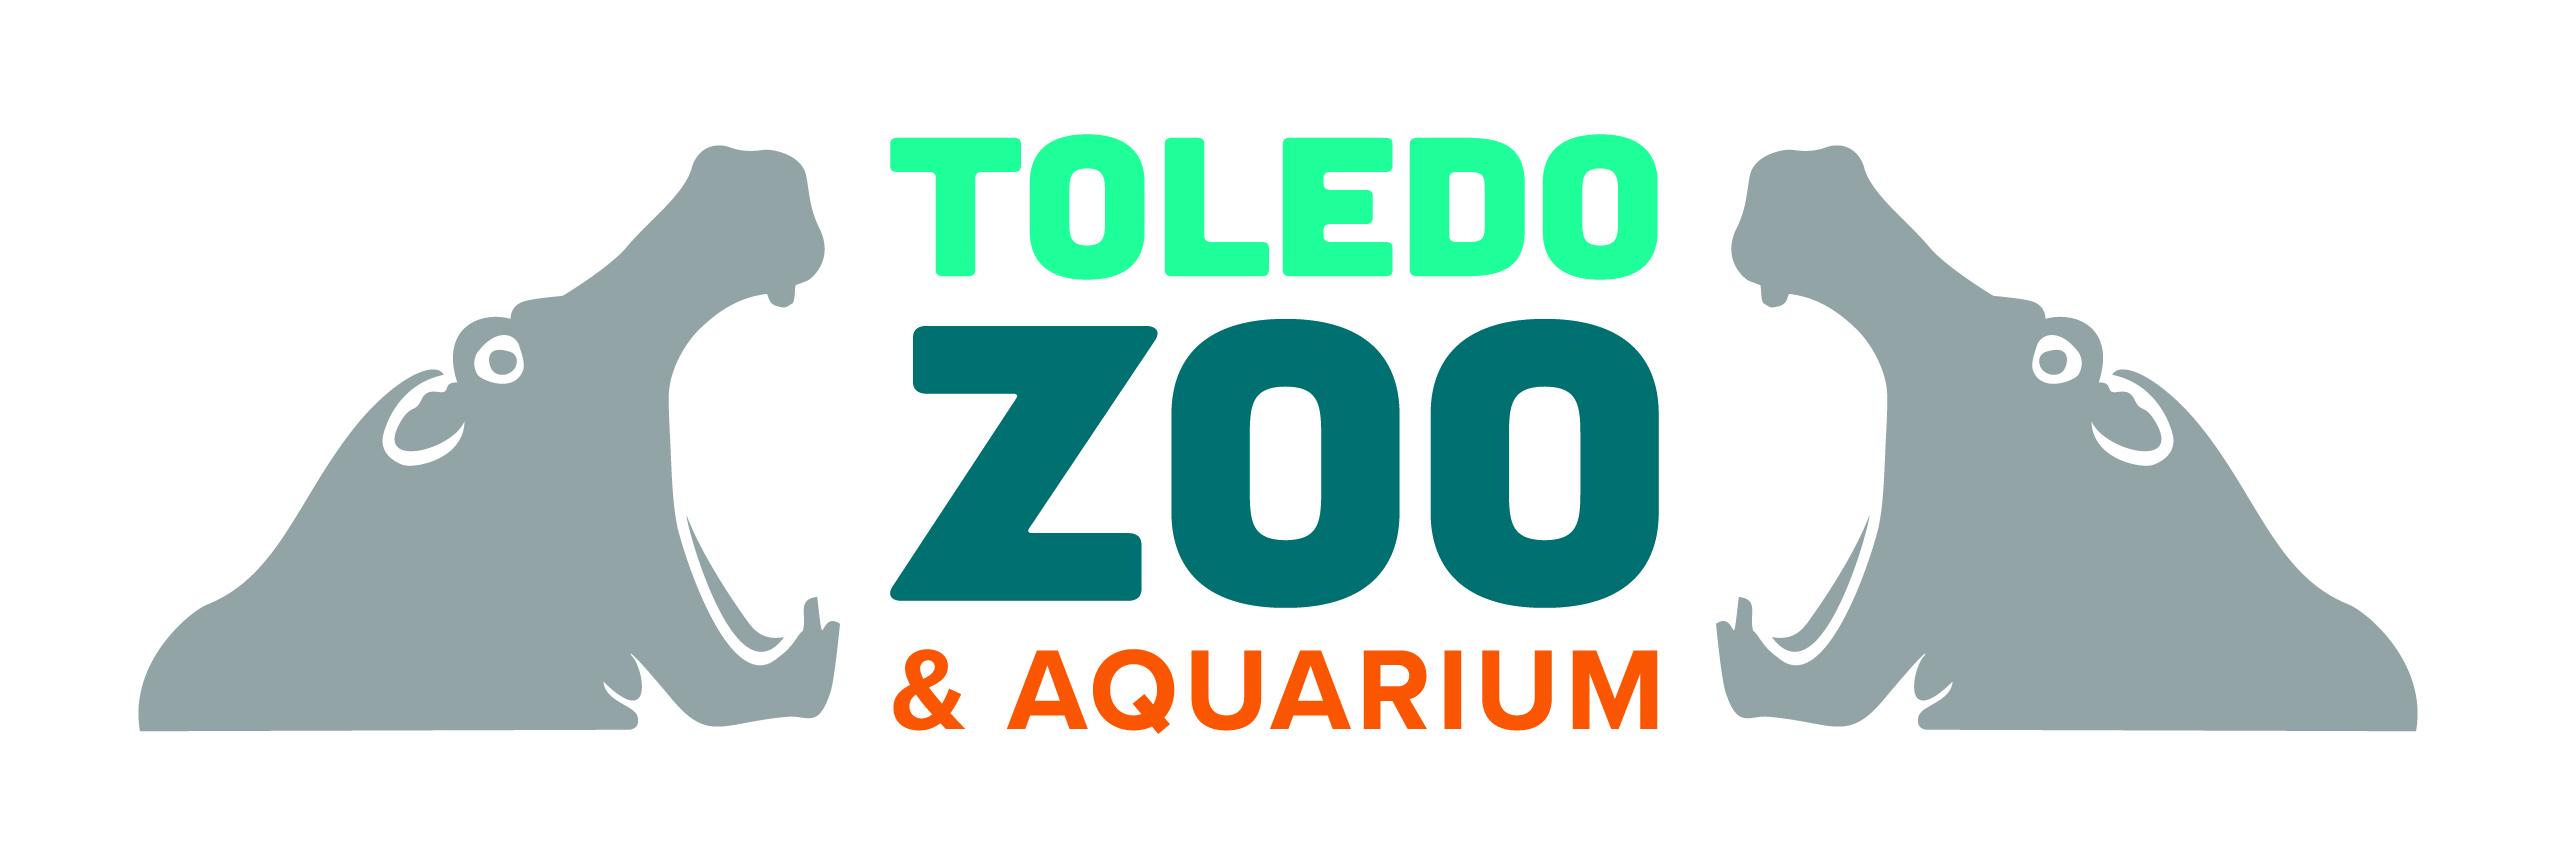 The Toledo Zoo logo